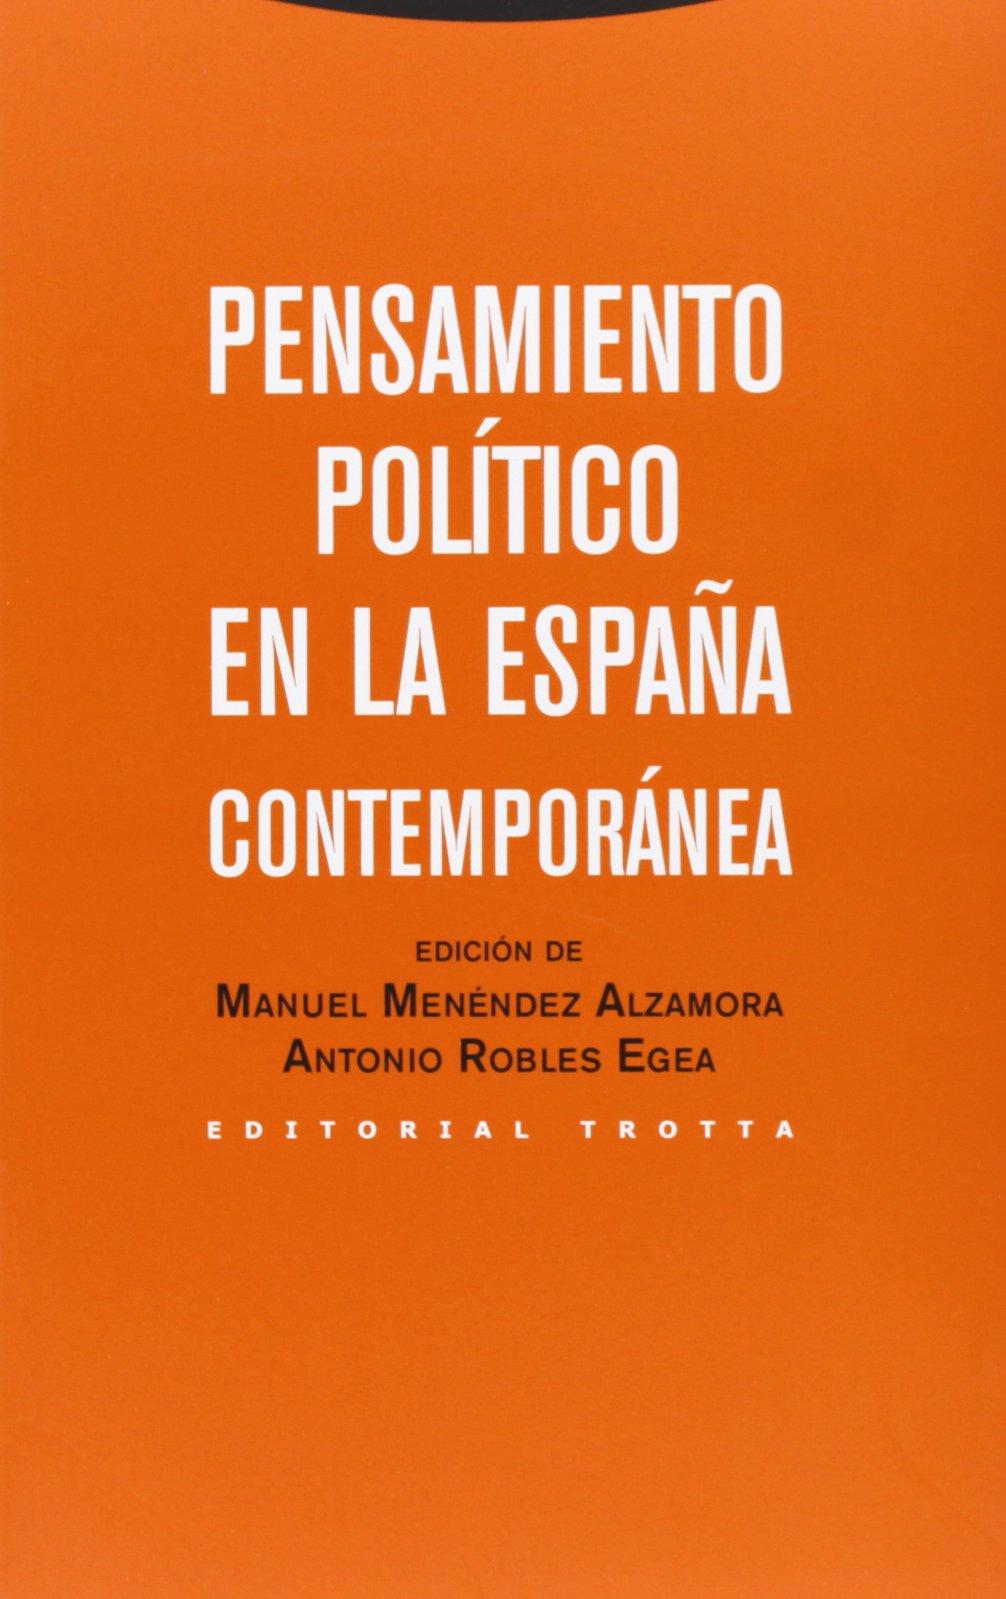 Pensamiento político en la España contemporánea Estructuras y Procesos. Ciencias Sociales: Amazon.es: Menéndez Alzamora, Manuel, Robles Egea, Antonio: Libros